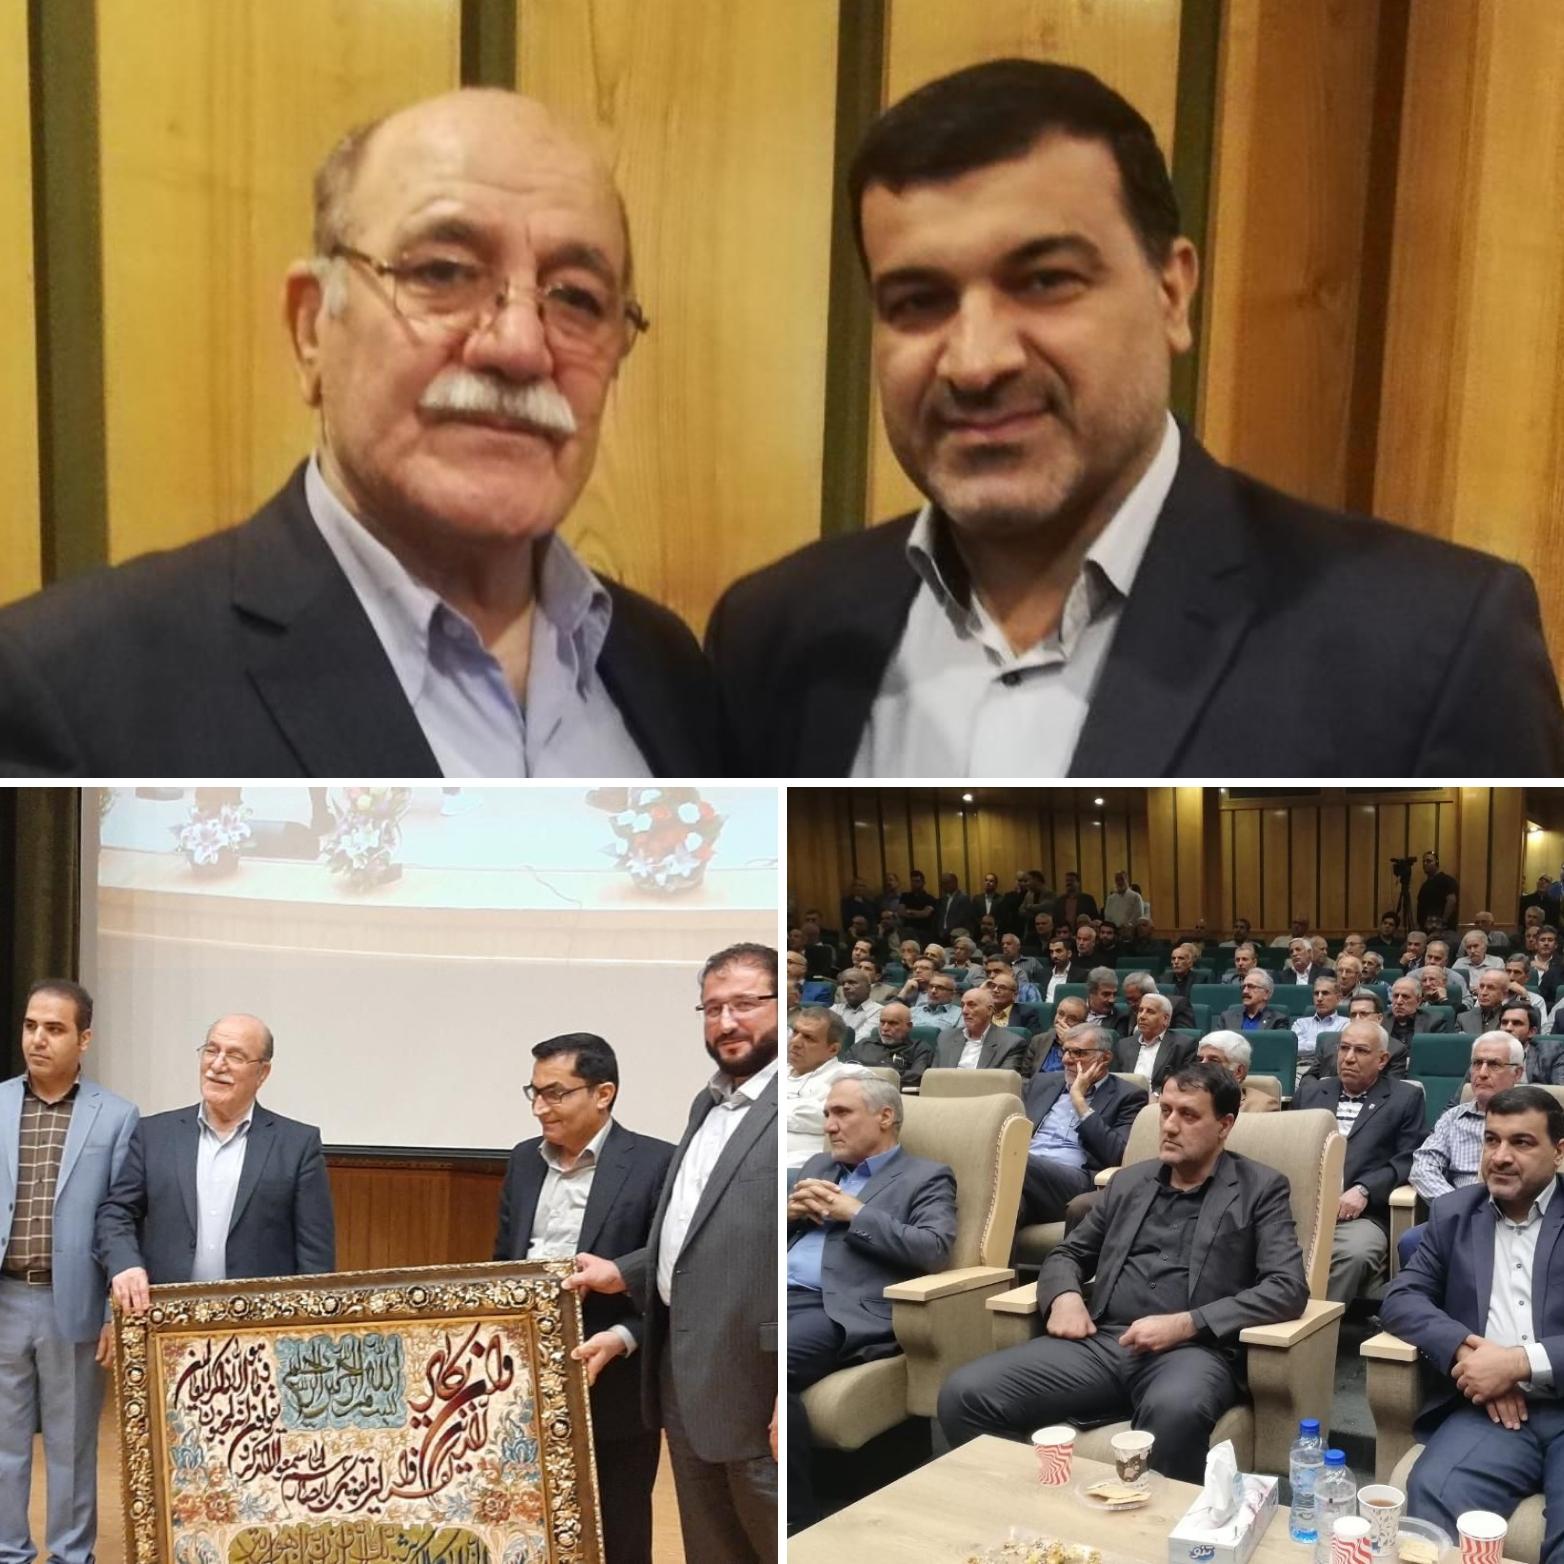 مراسم بزرگداشت مدیرعامل اسبق باشگاه فرهنگی ورزشی فولاد خوزستان برگزار شد